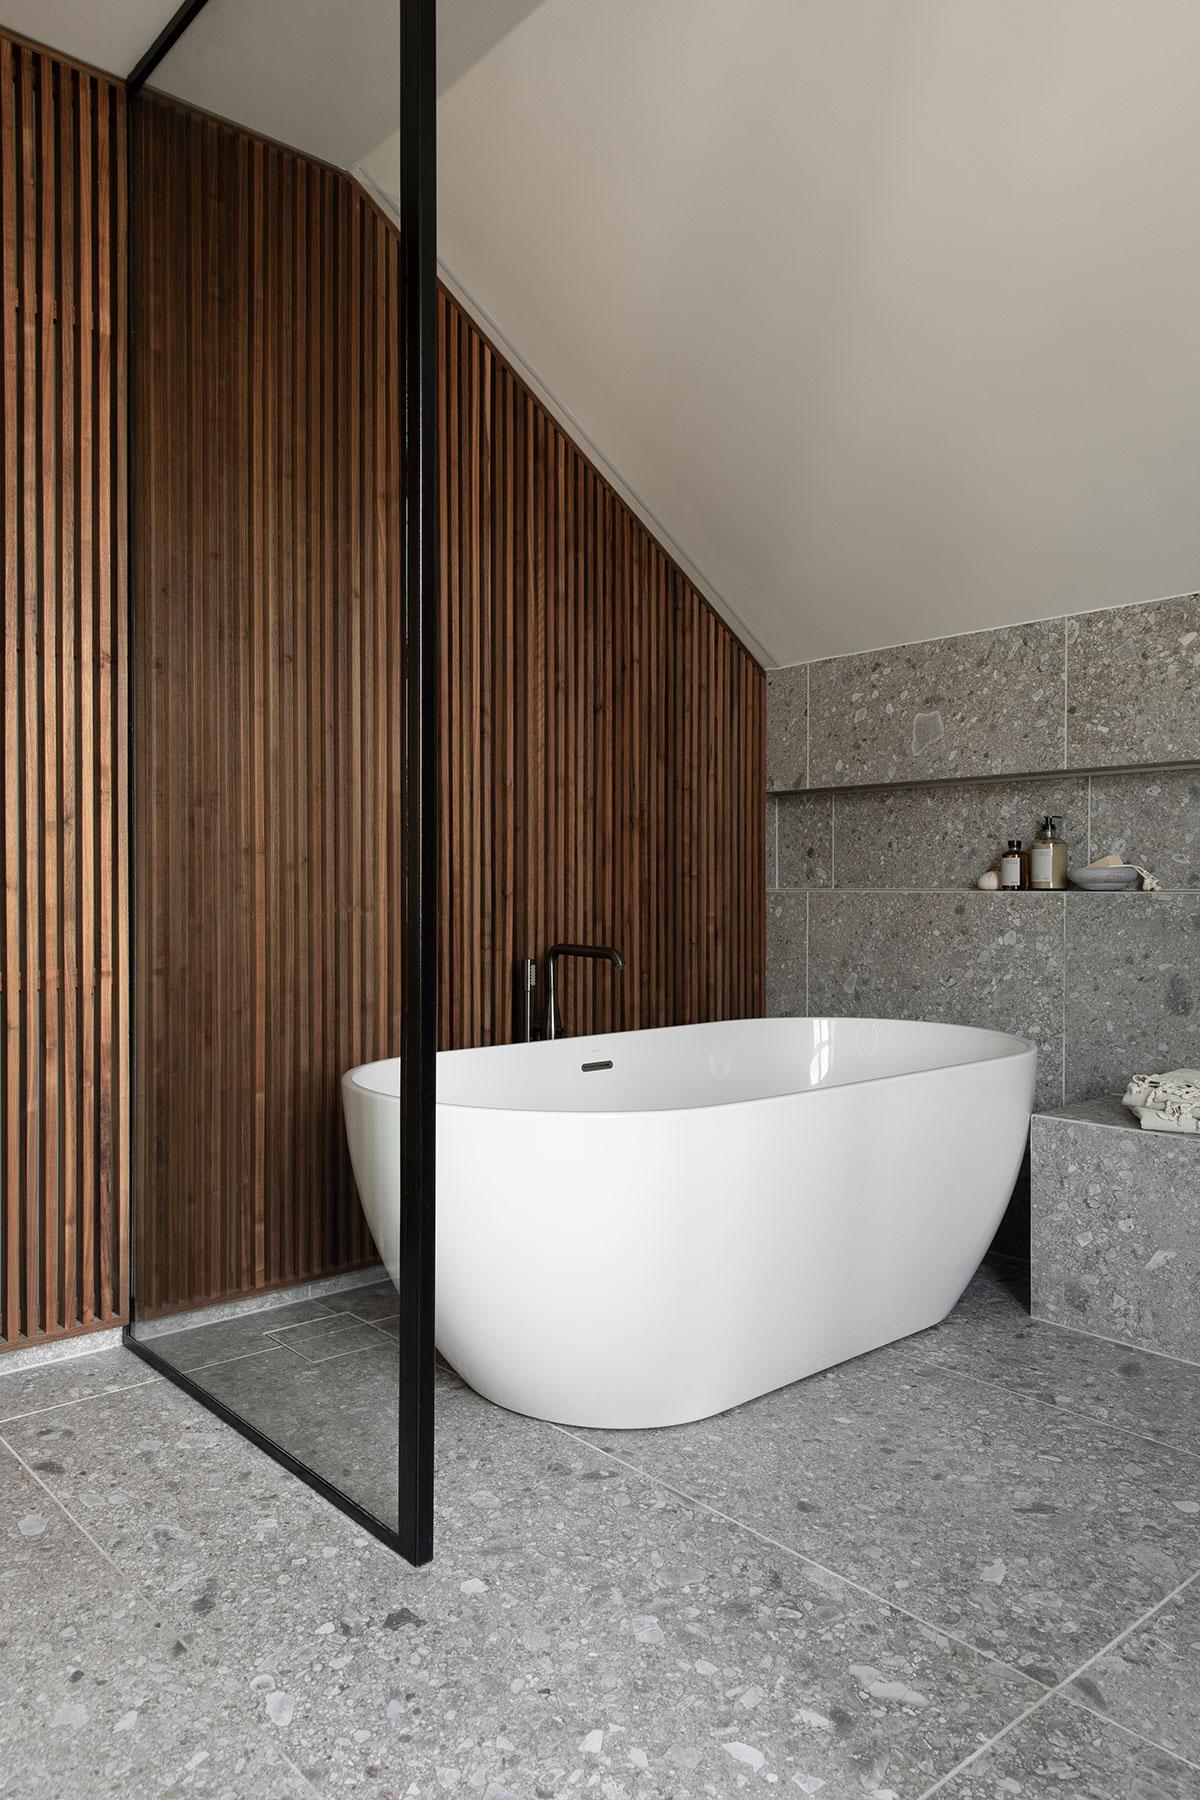 Спокойный и элегантный современный интерьер дома дизайнера одежды в Осло